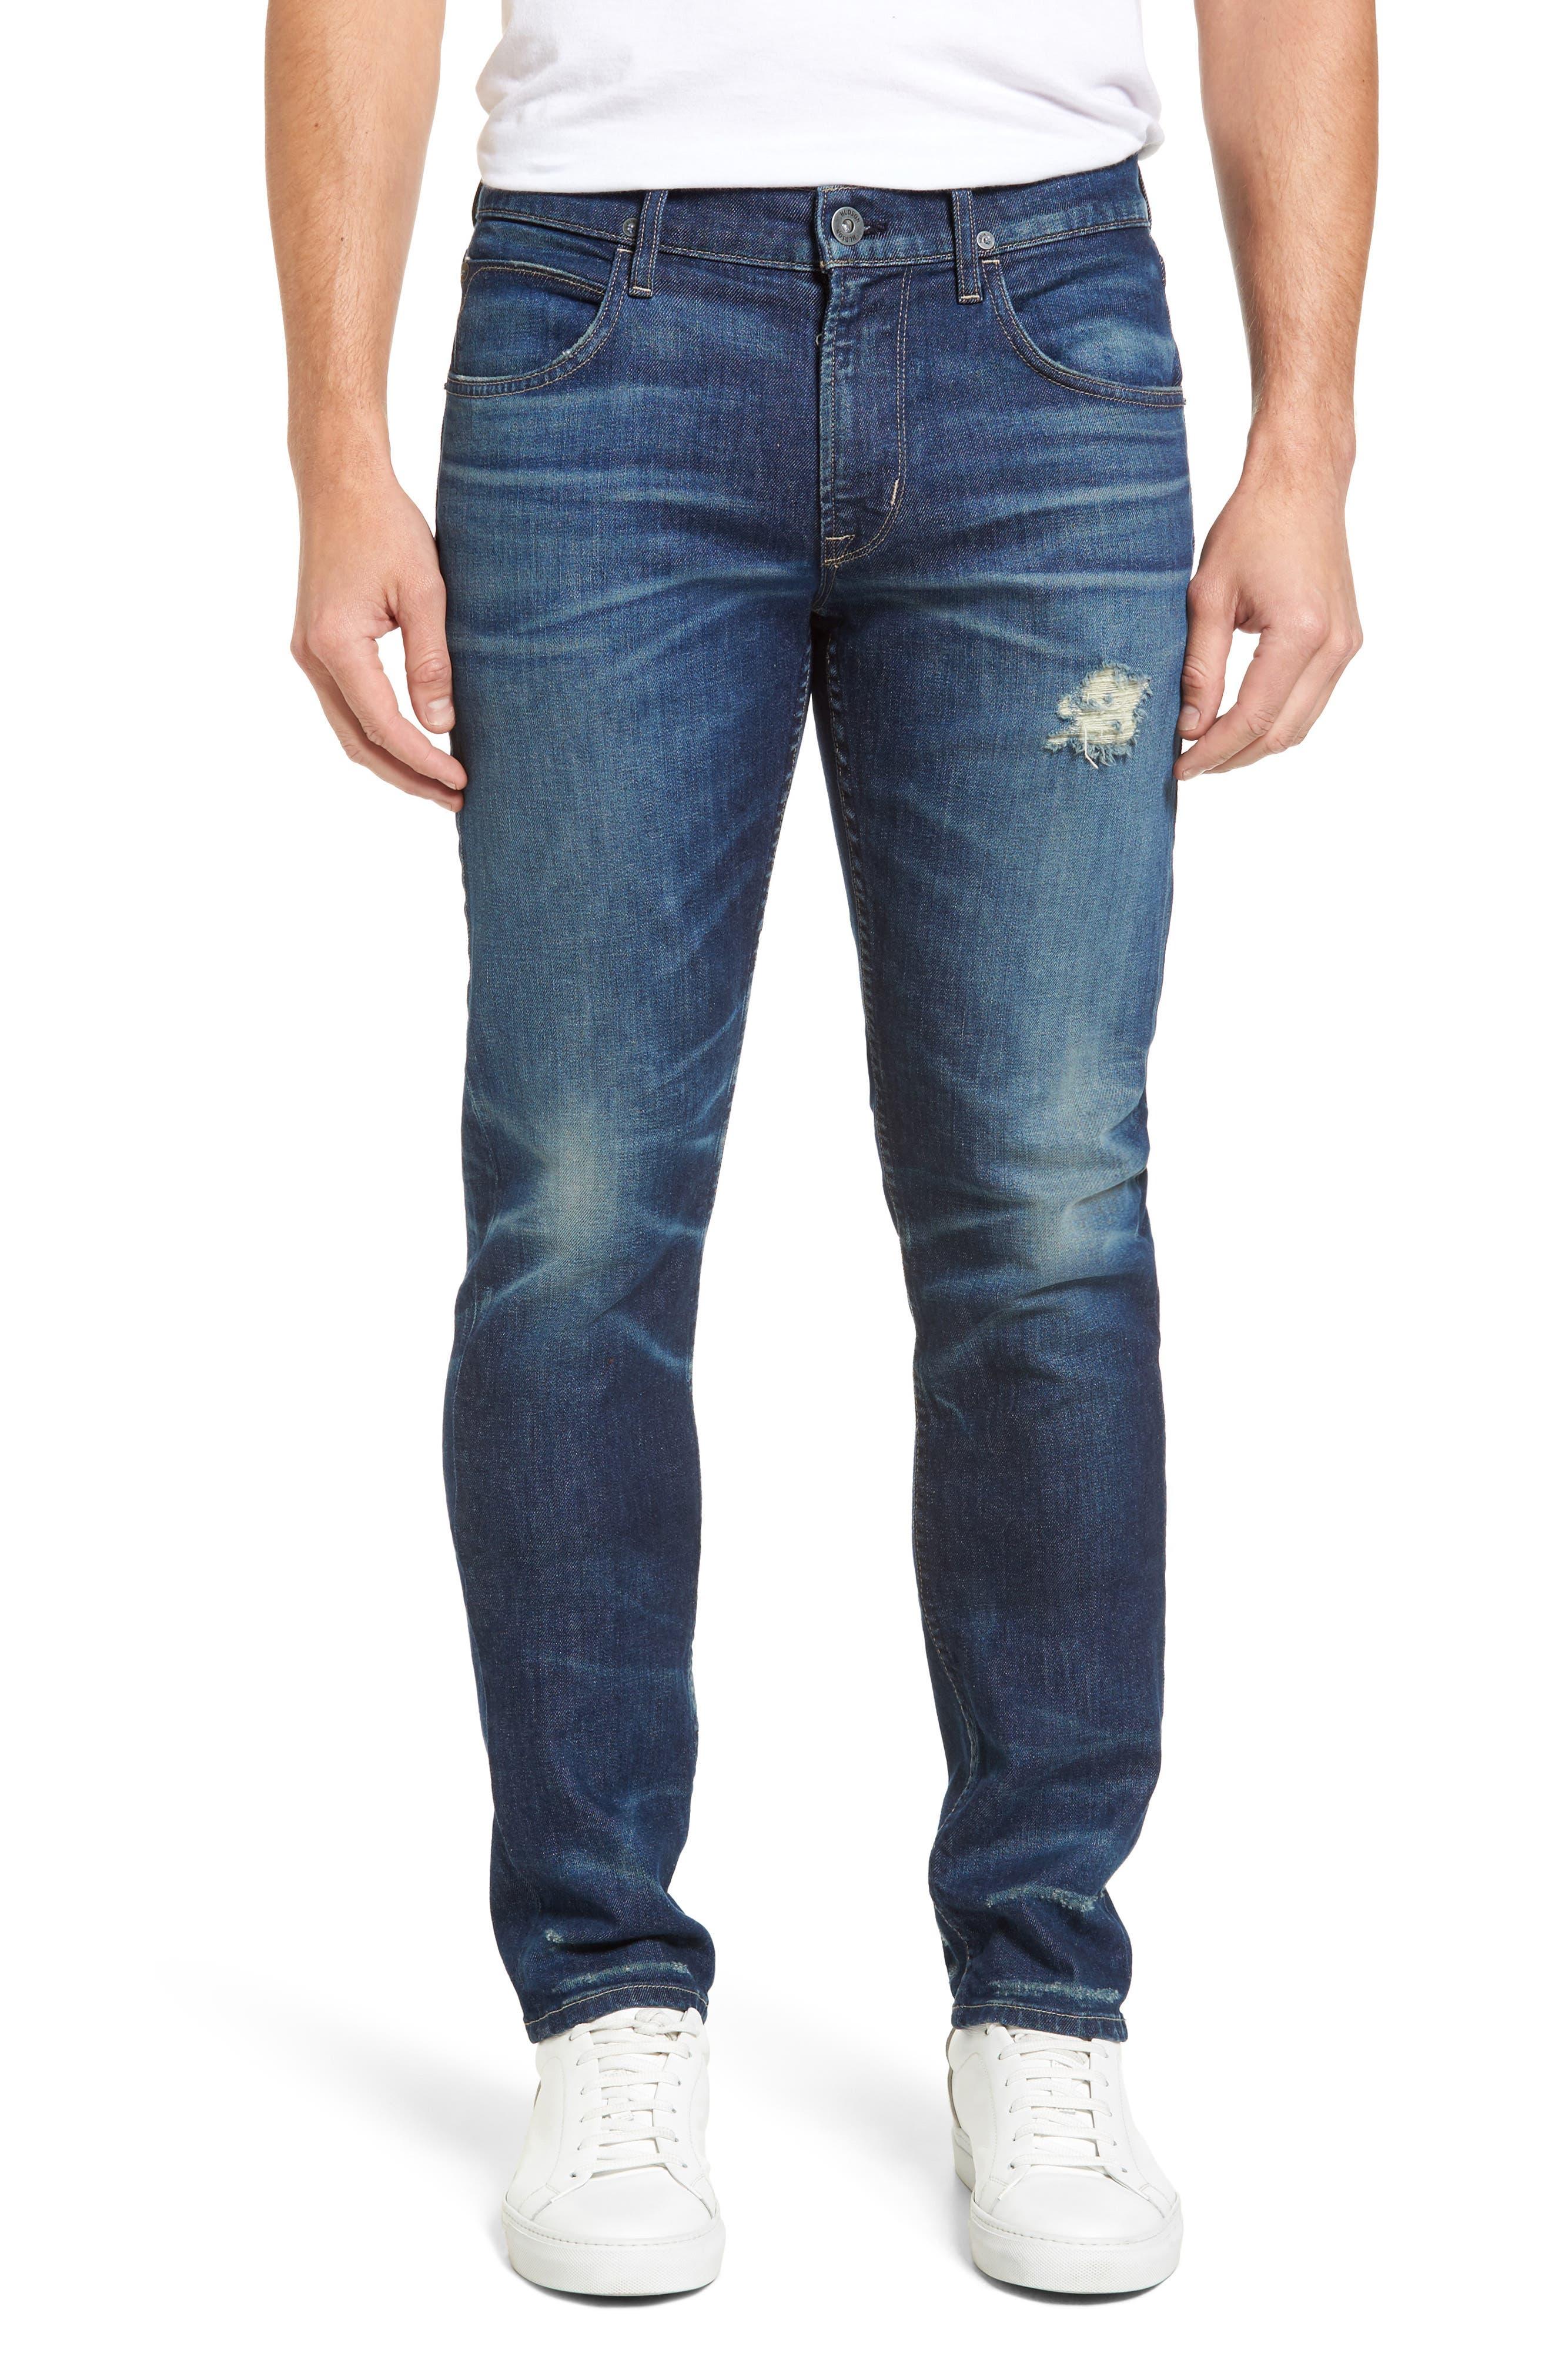 Blake Slim Fit Jeans,                         Main,                         color, 425